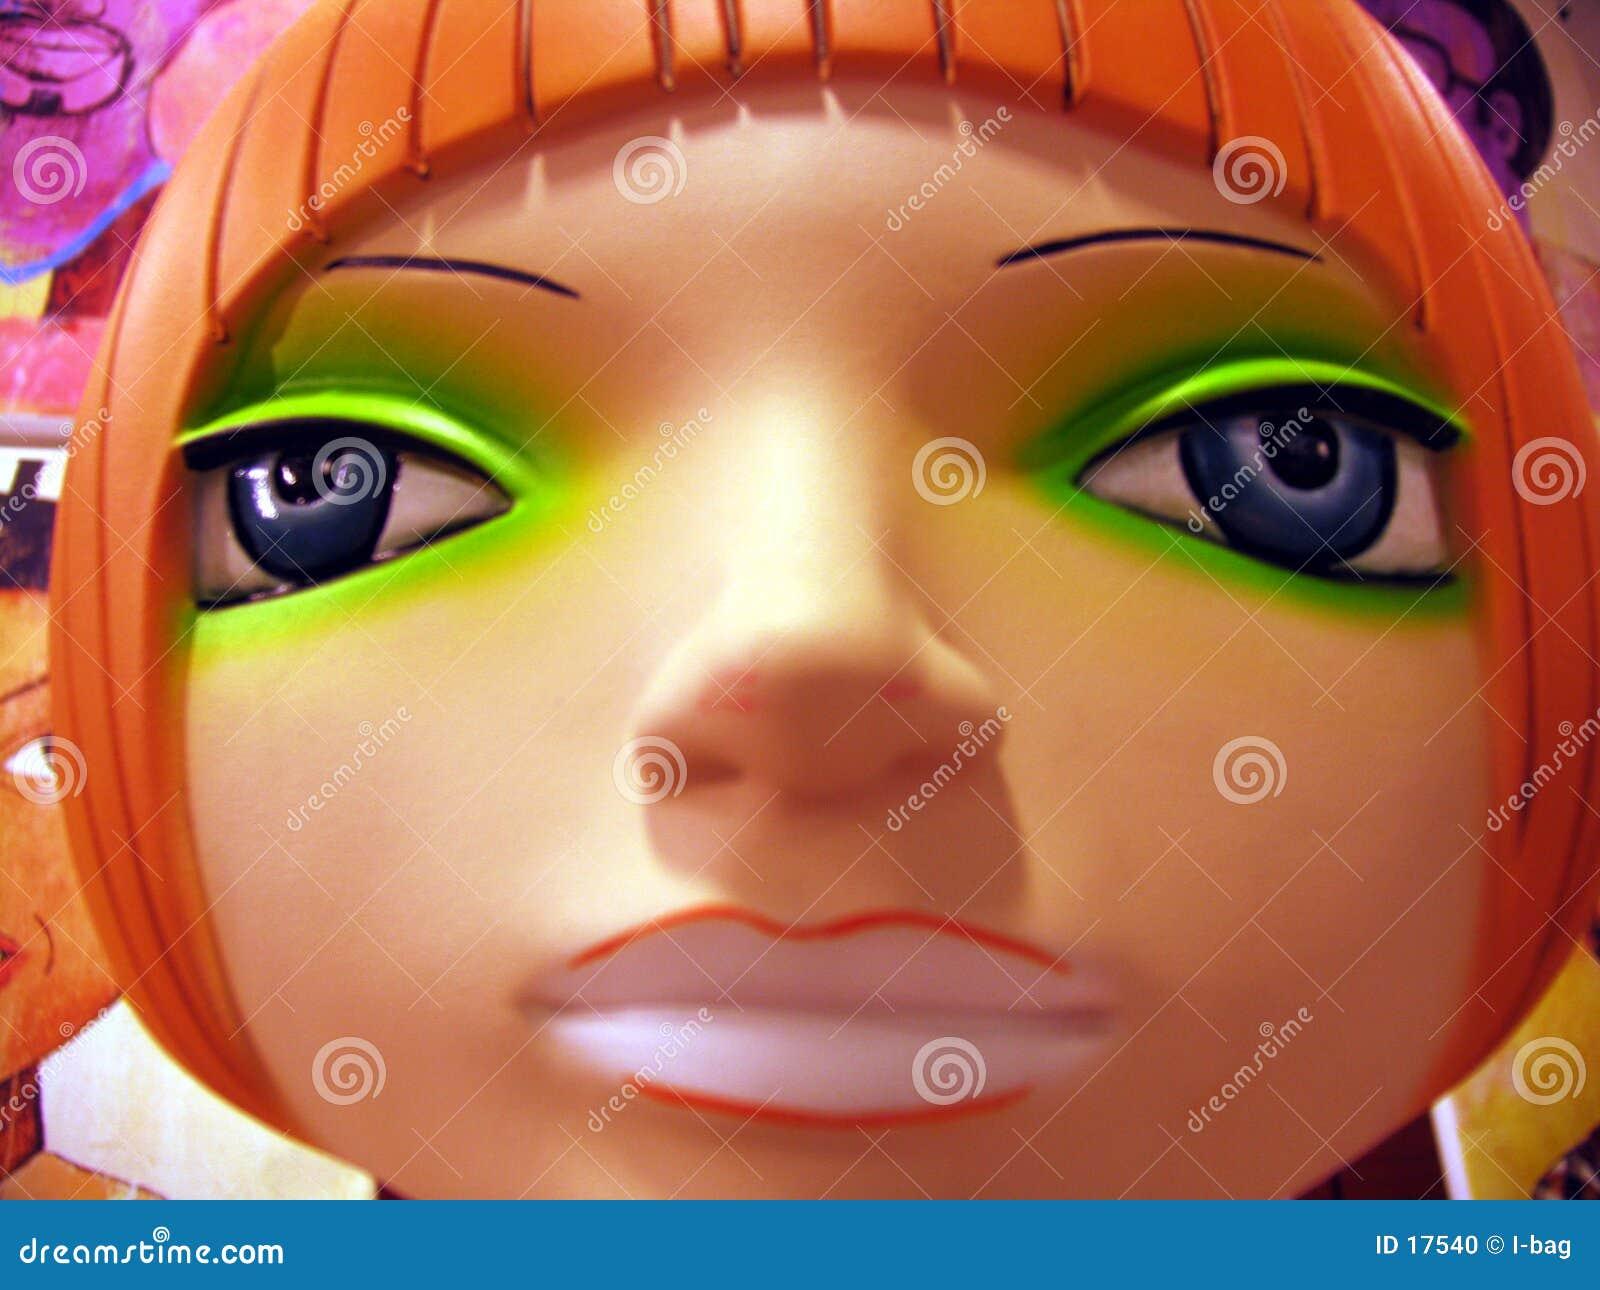 Plastic mannequin head